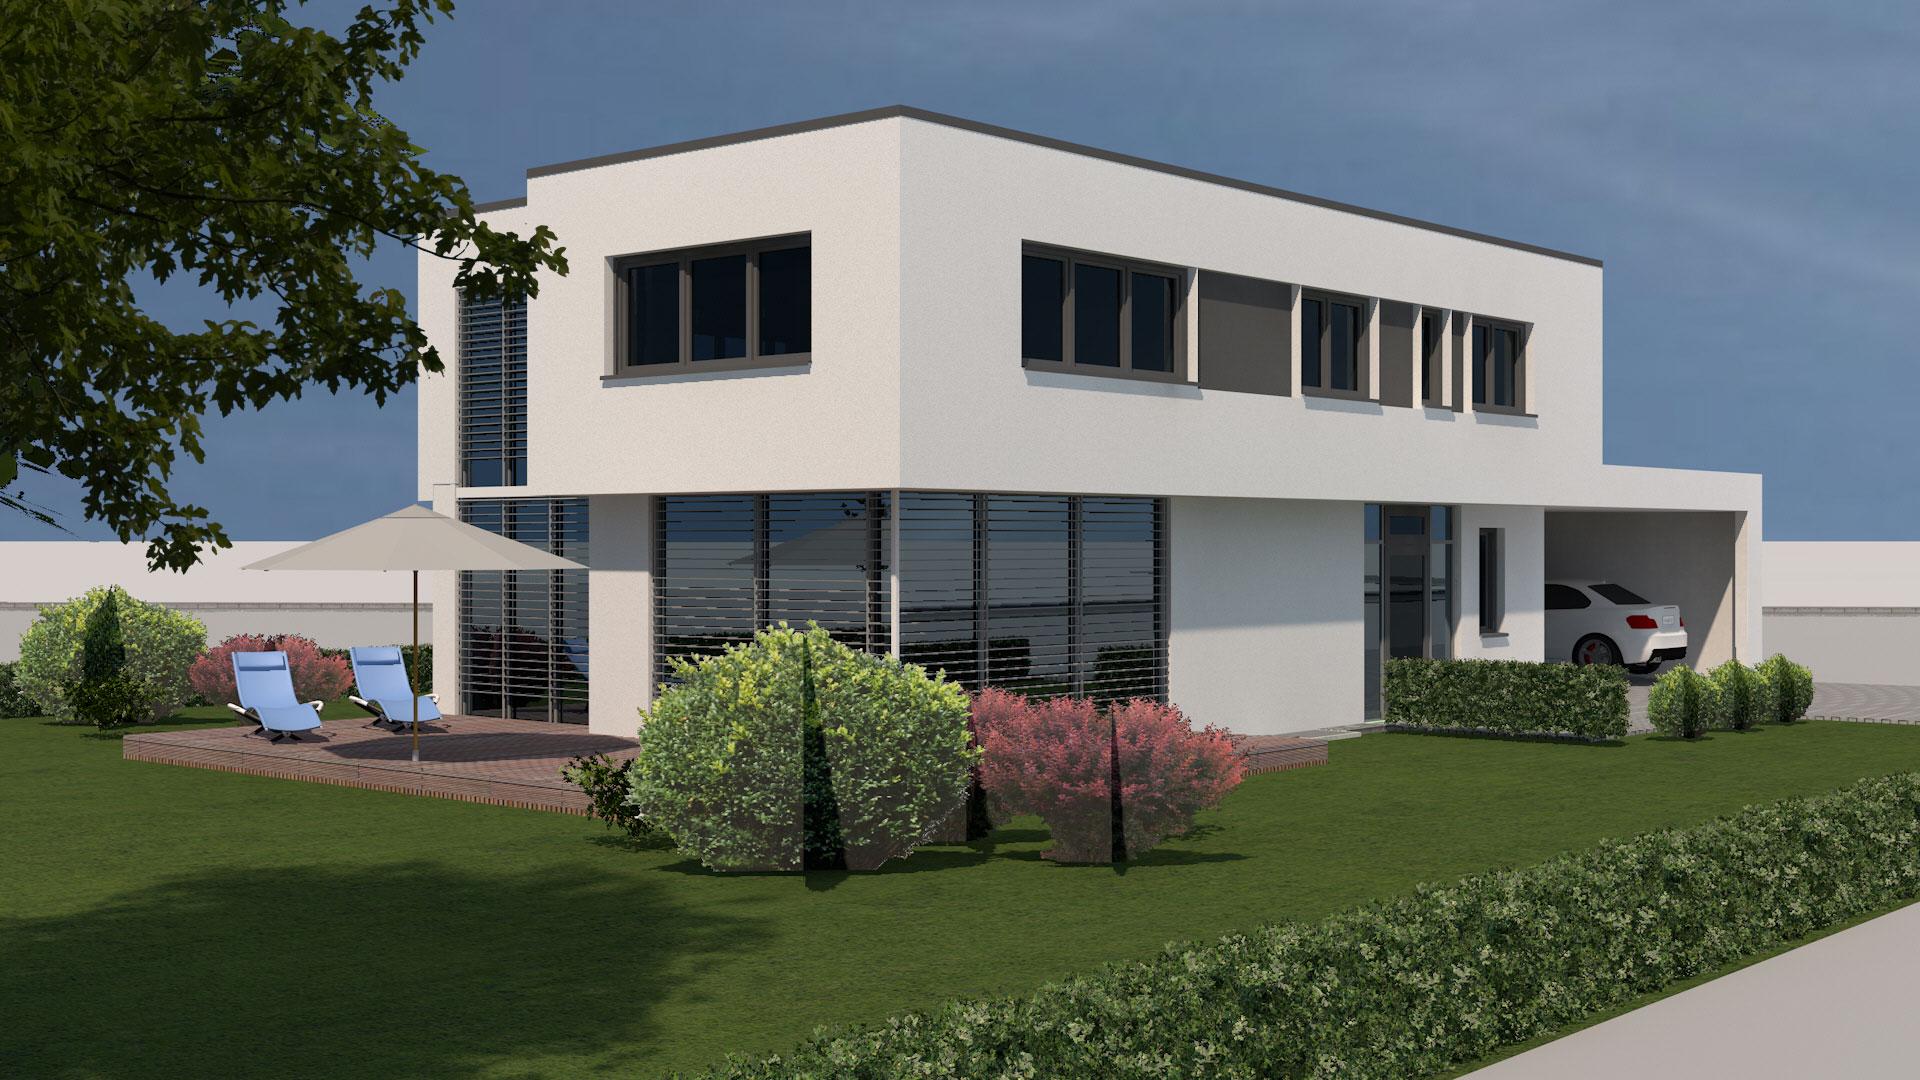 Neubau modernes flachdachhaus mit carport in wei enburg for Modernes haus raumaufteilung